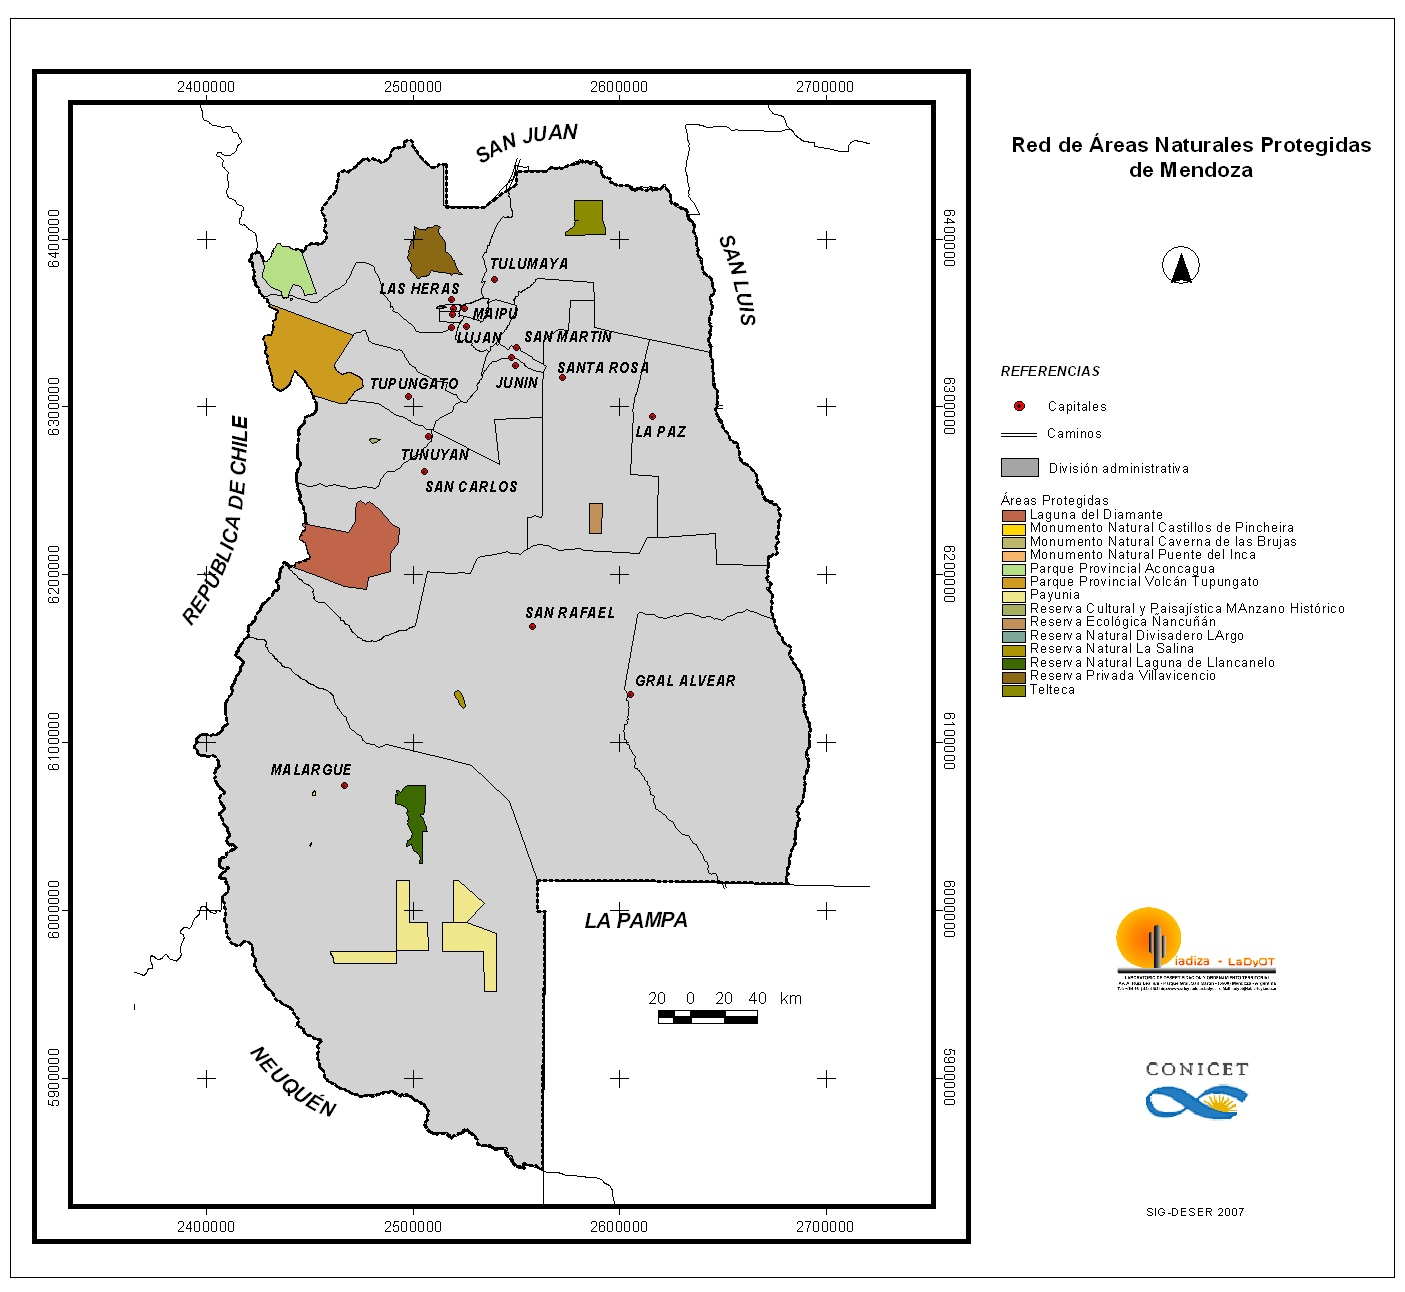 Red de Áreas Naturales Protegidas de Mendoza